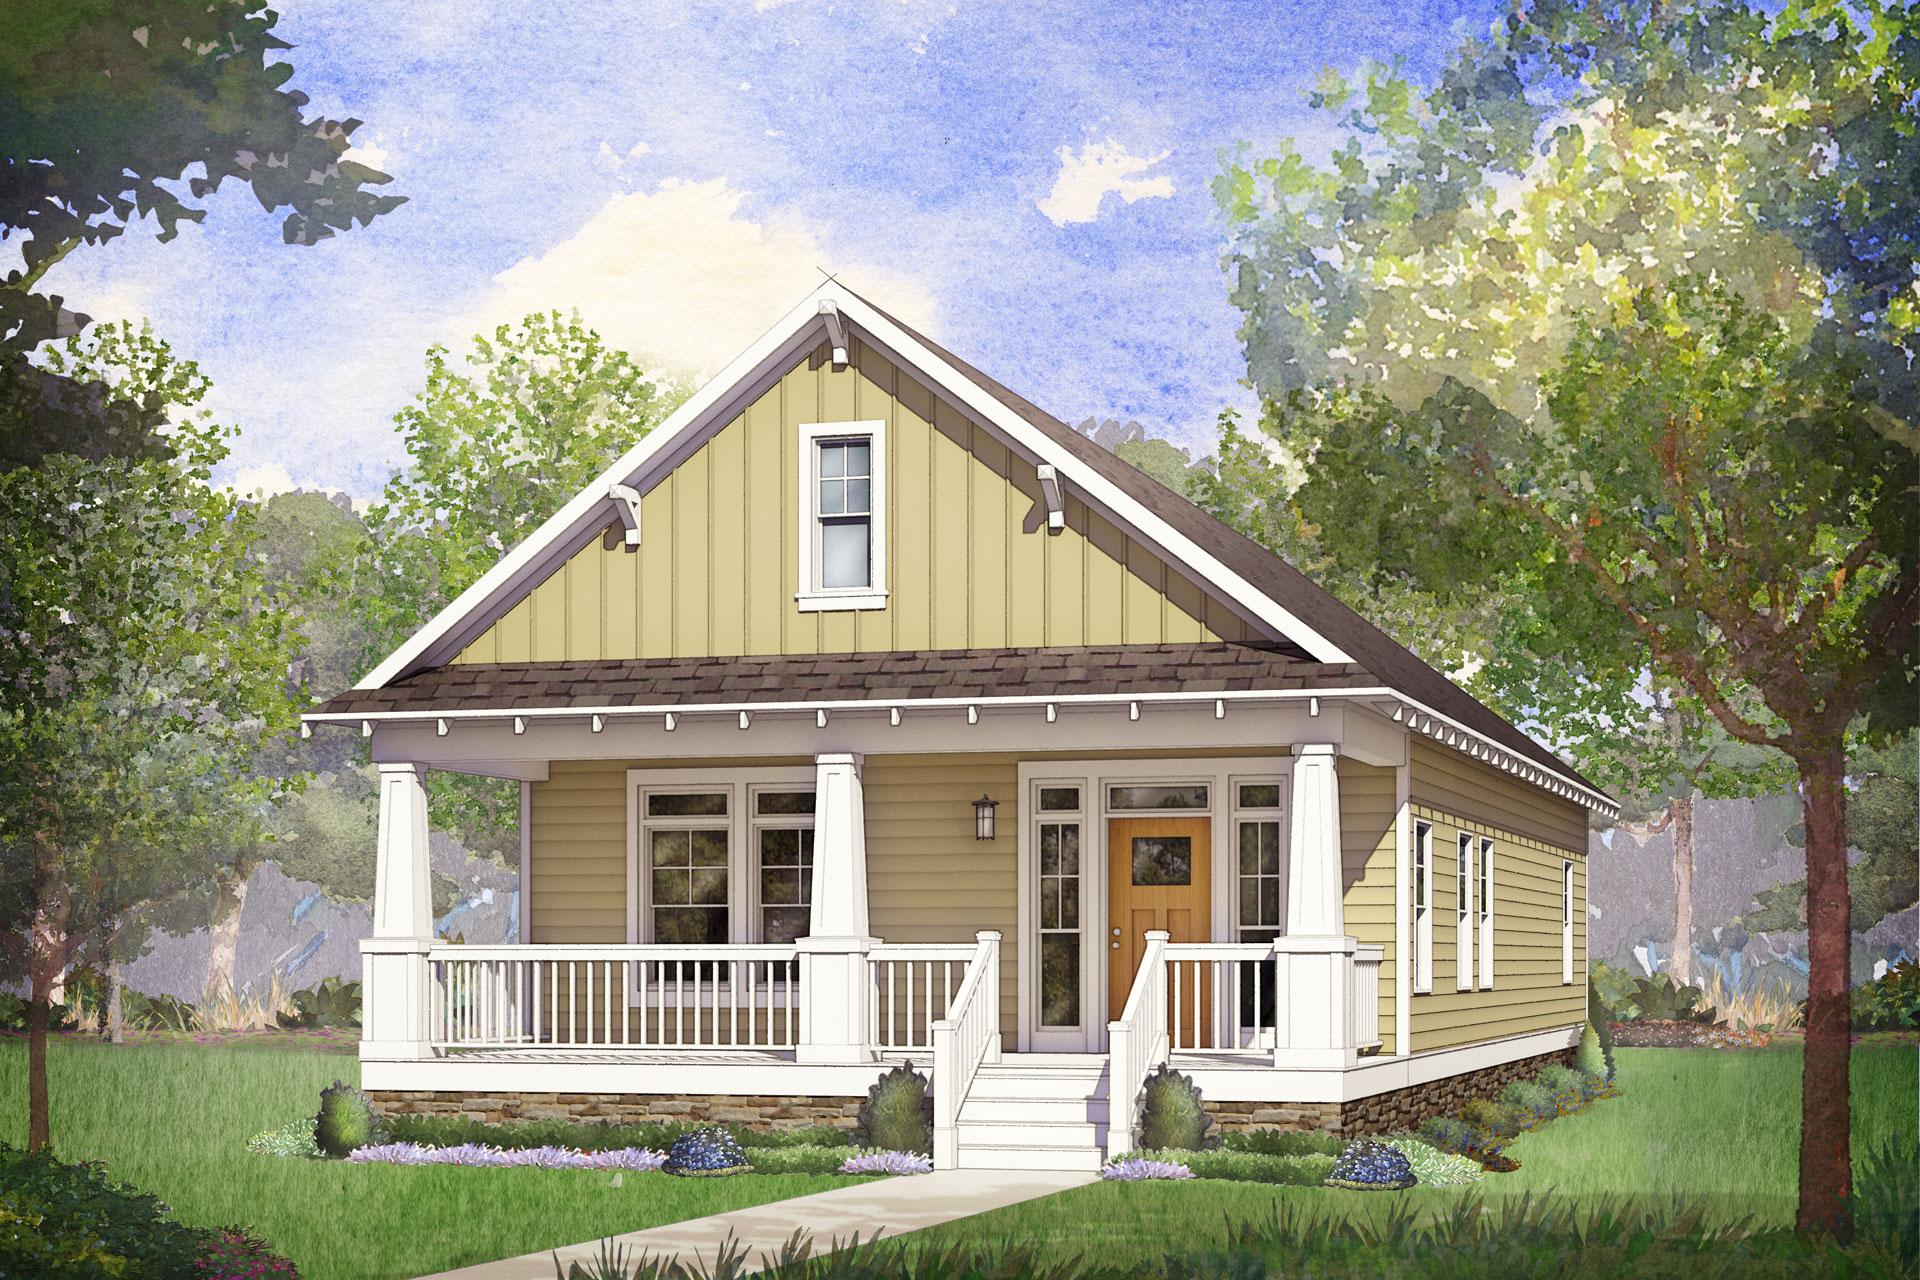 whitney lake modular home rendering